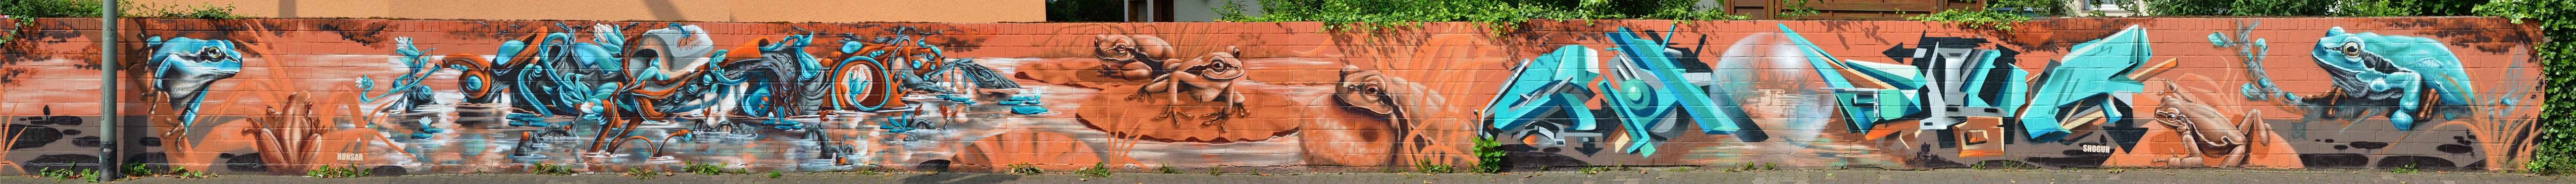 shogun_honsar_graffiti__frankfurt_2016_3